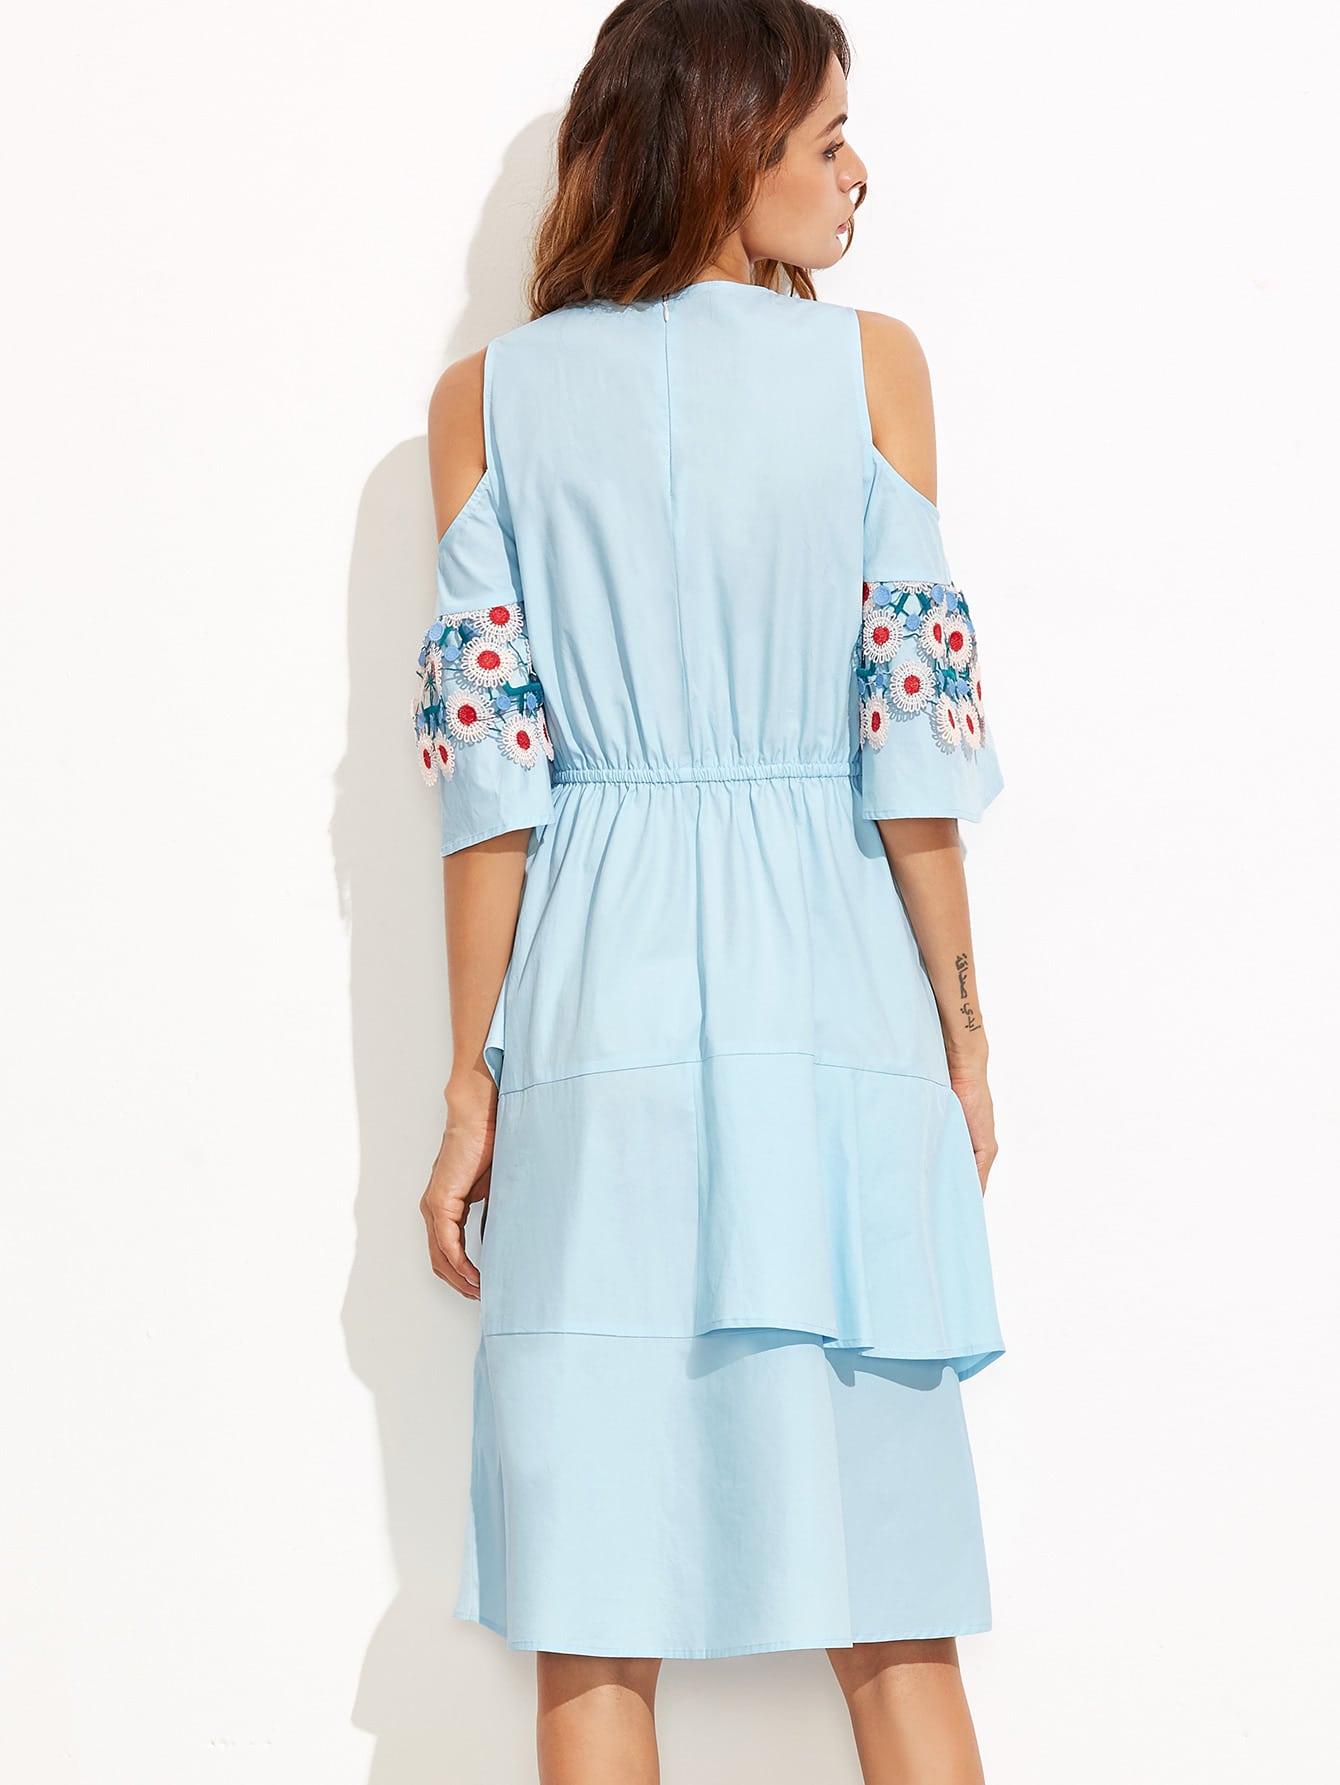 dress160908505_2